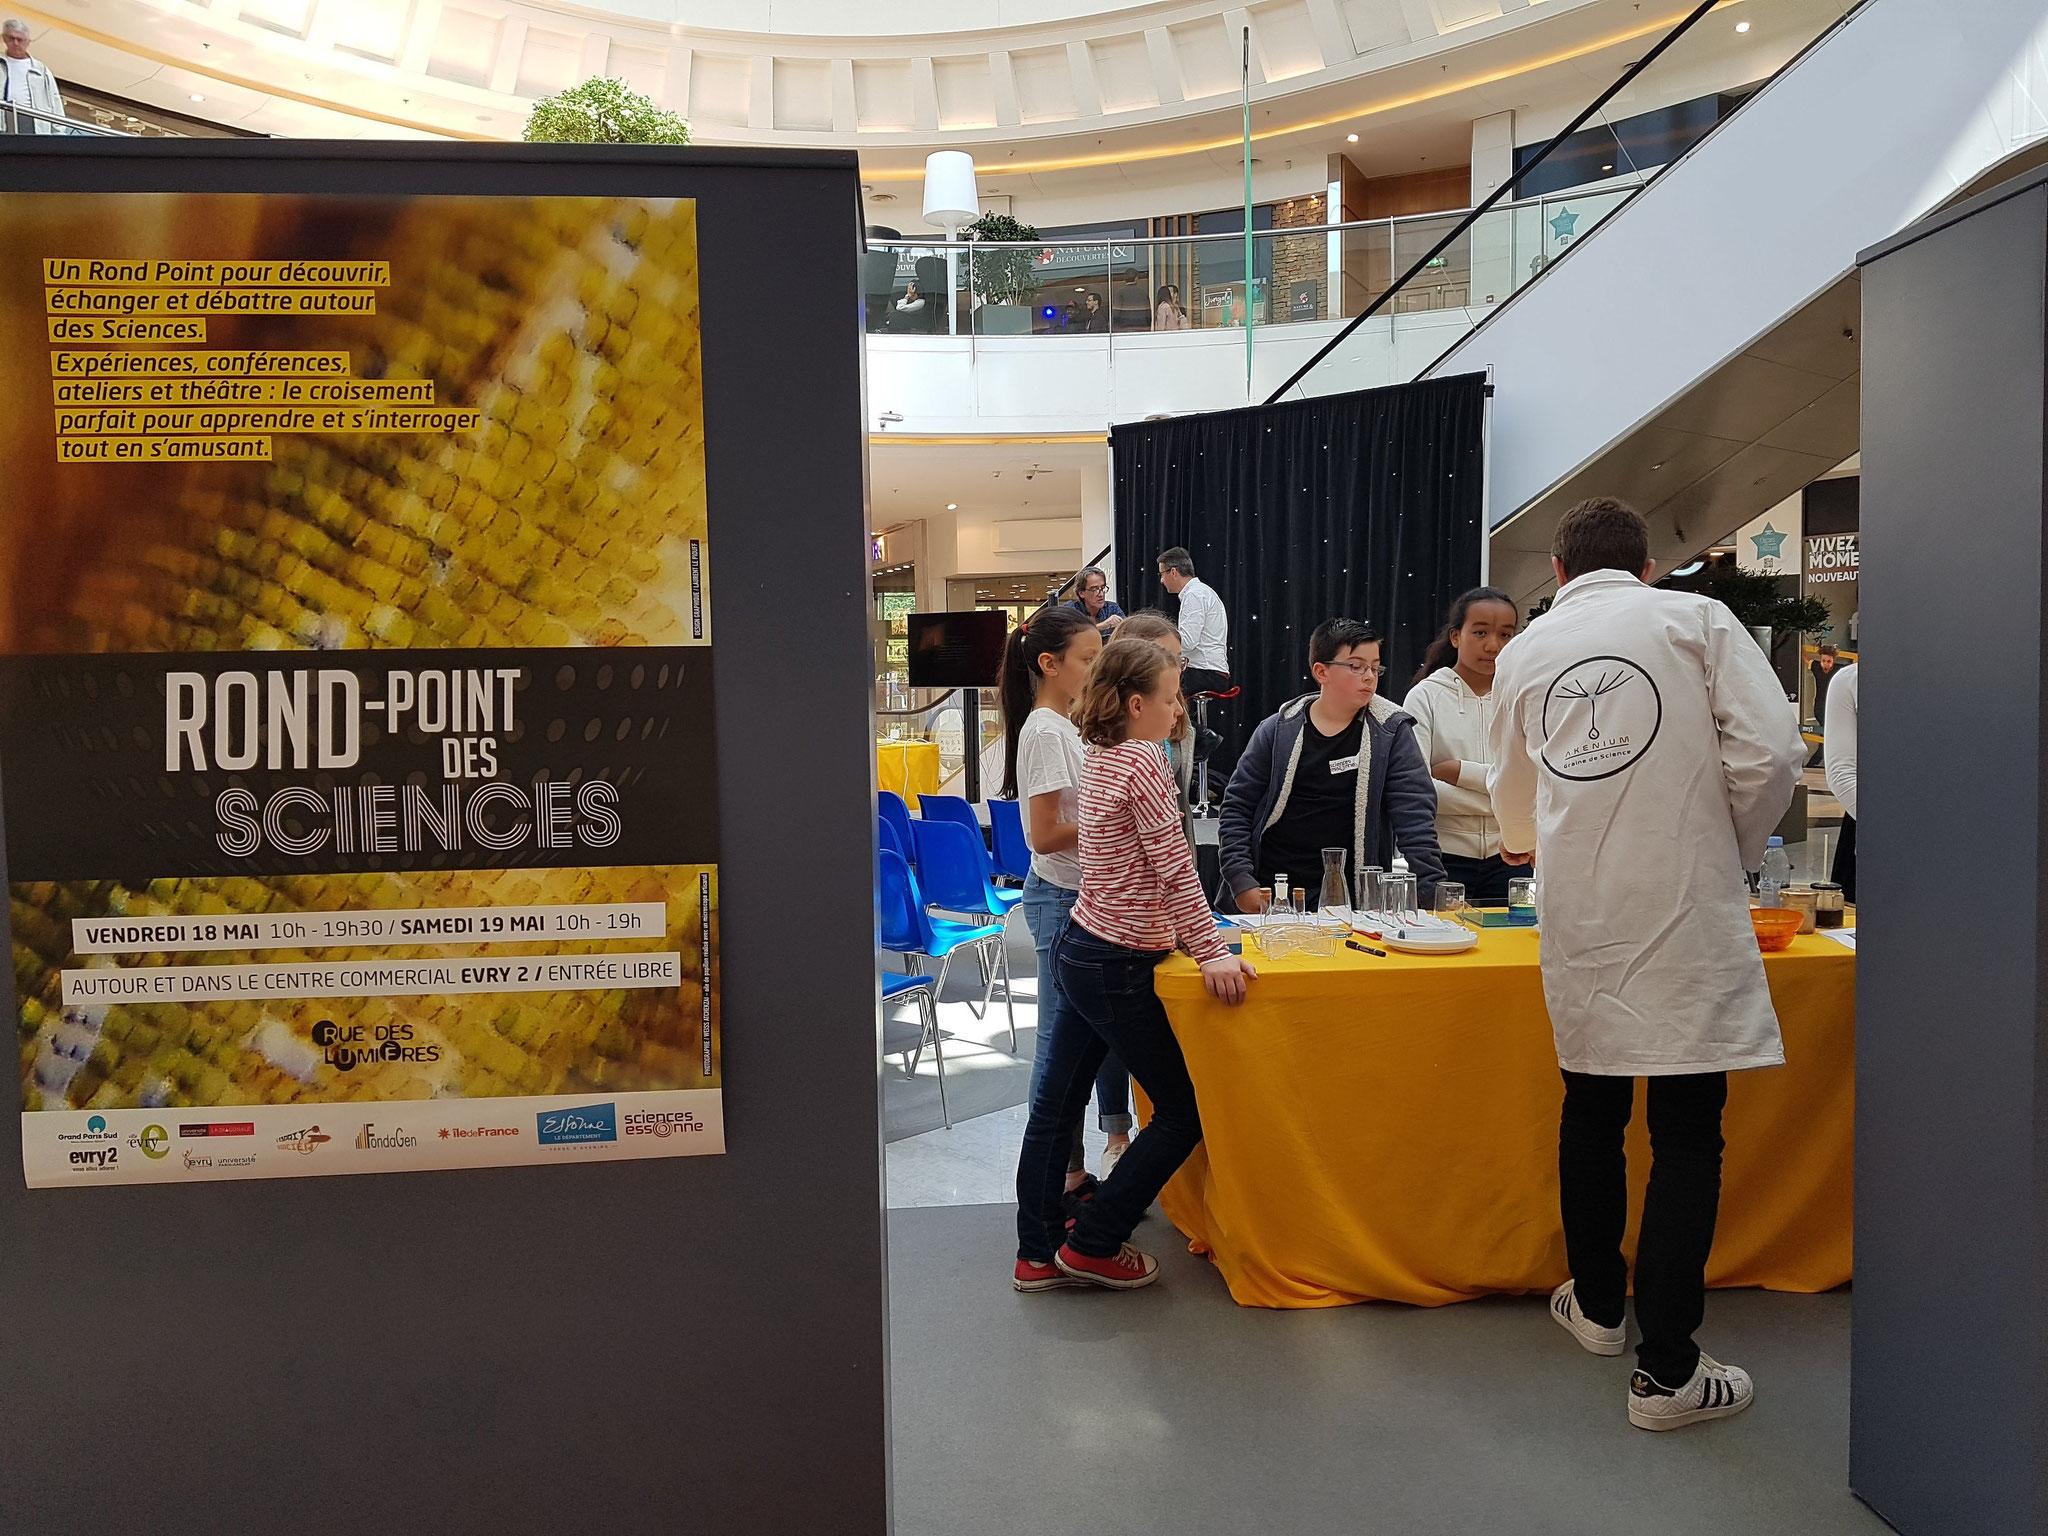 """Animation """"Rond Point des Sciences"""", Sciences Essonne, Evry, 2018"""